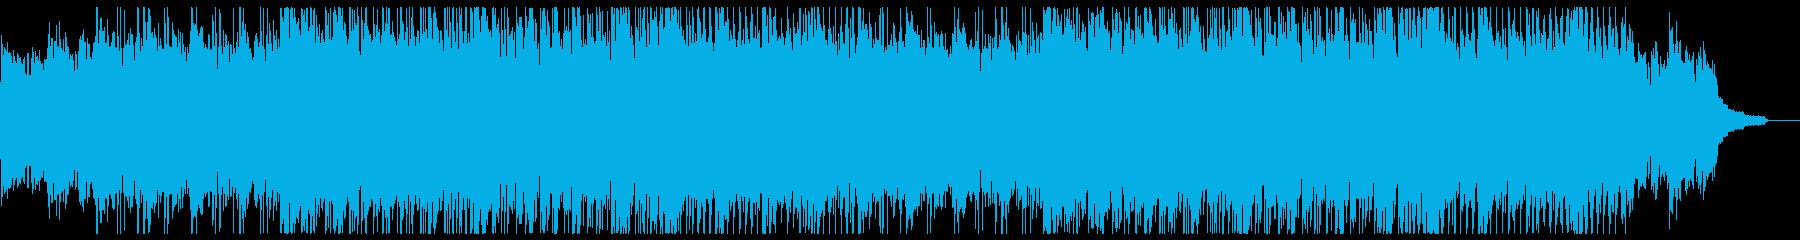 ポジティブでアクティブなピアノポップの再生済みの波形